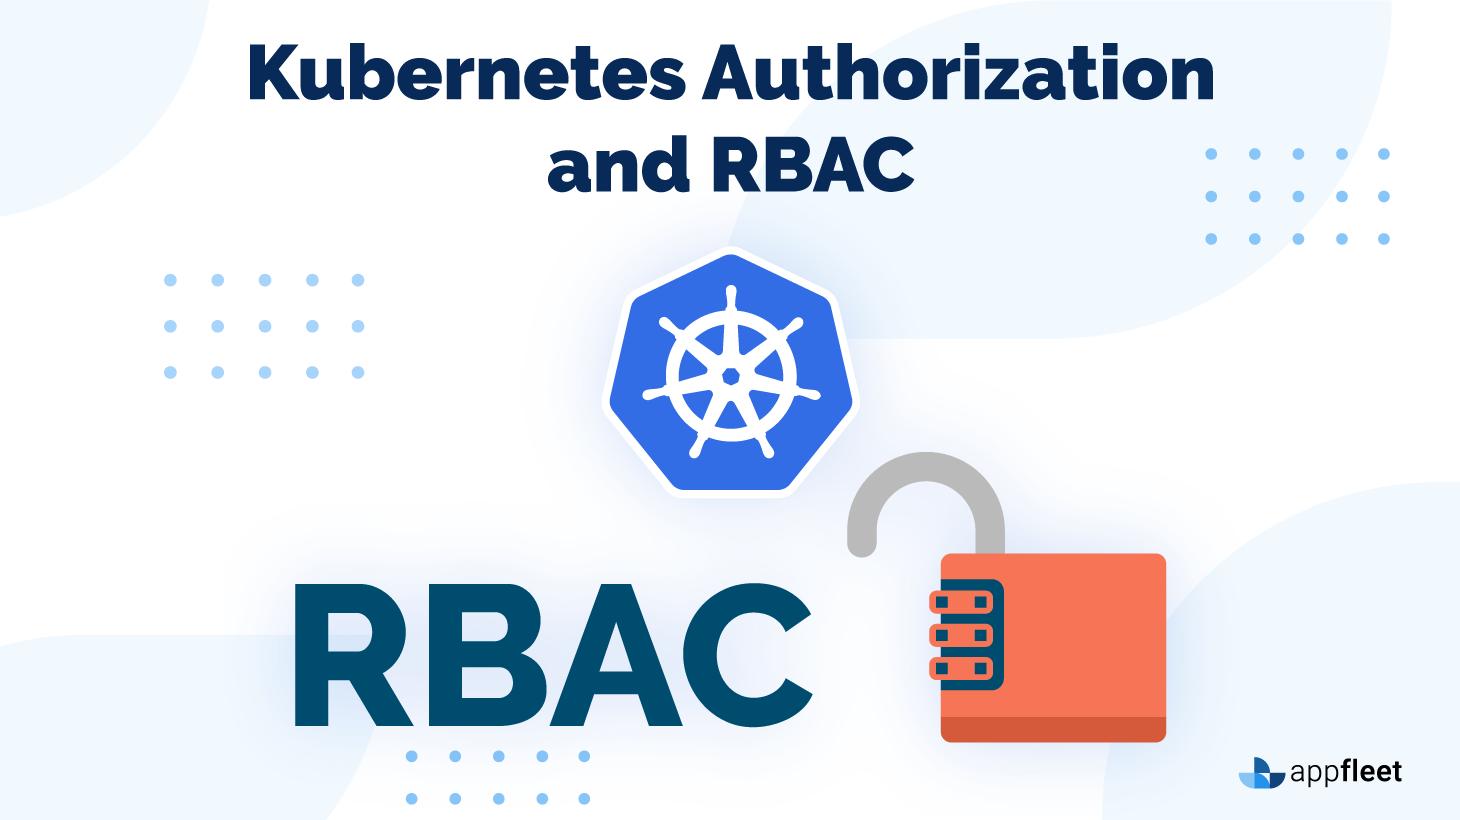 Kubernetes Authorization and RBAC